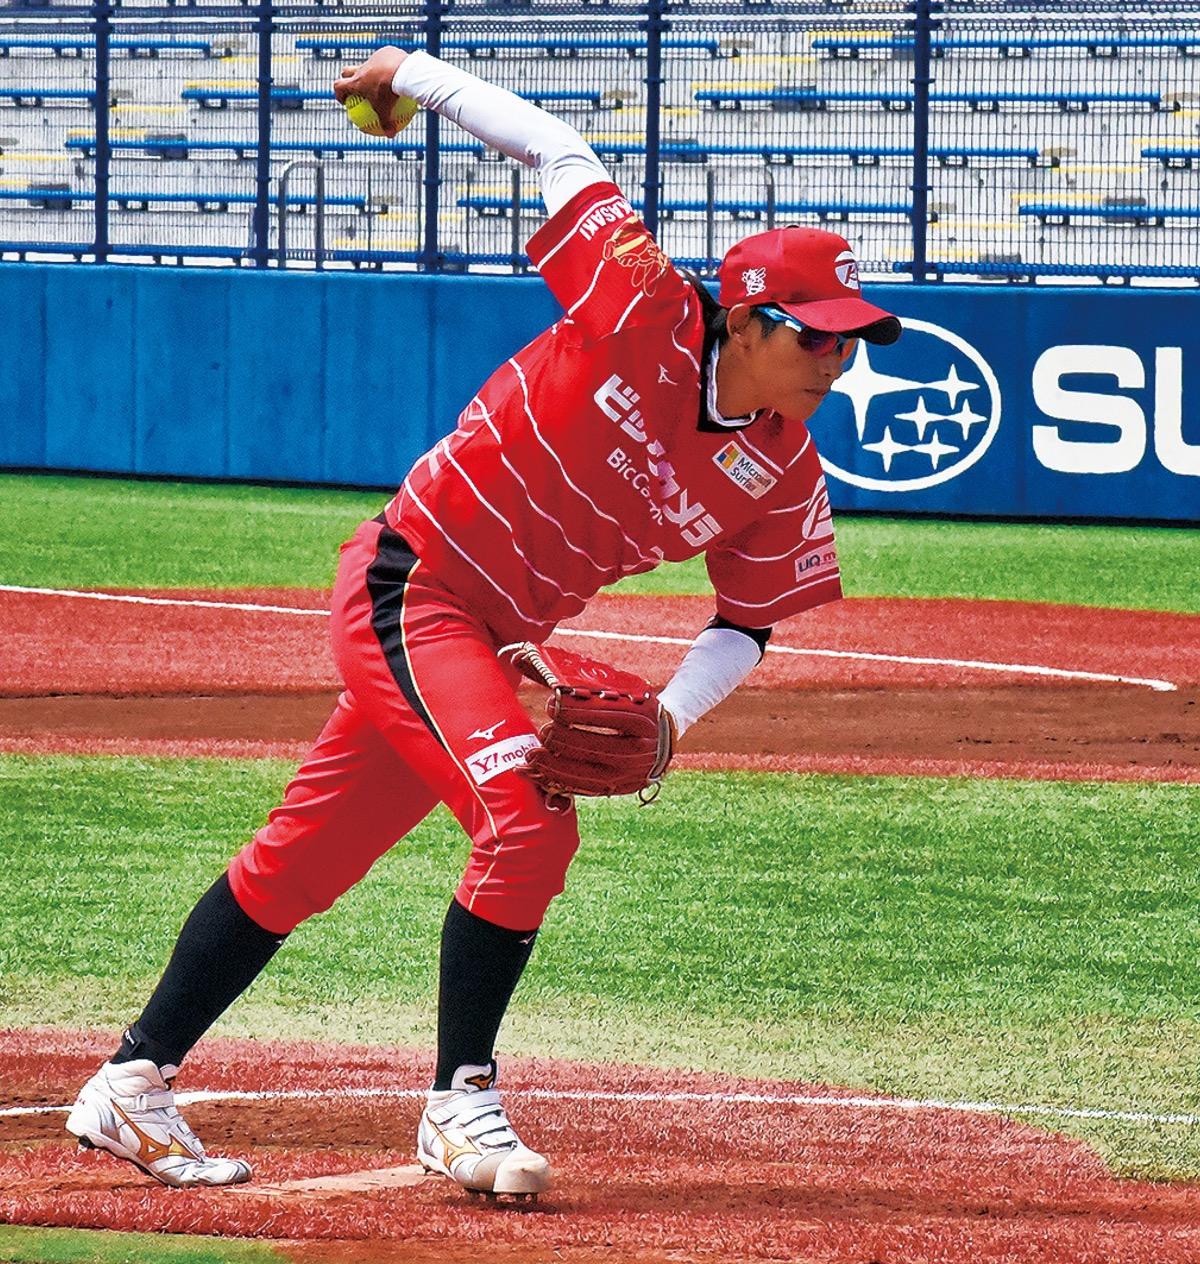 ボール 上野 ソフト